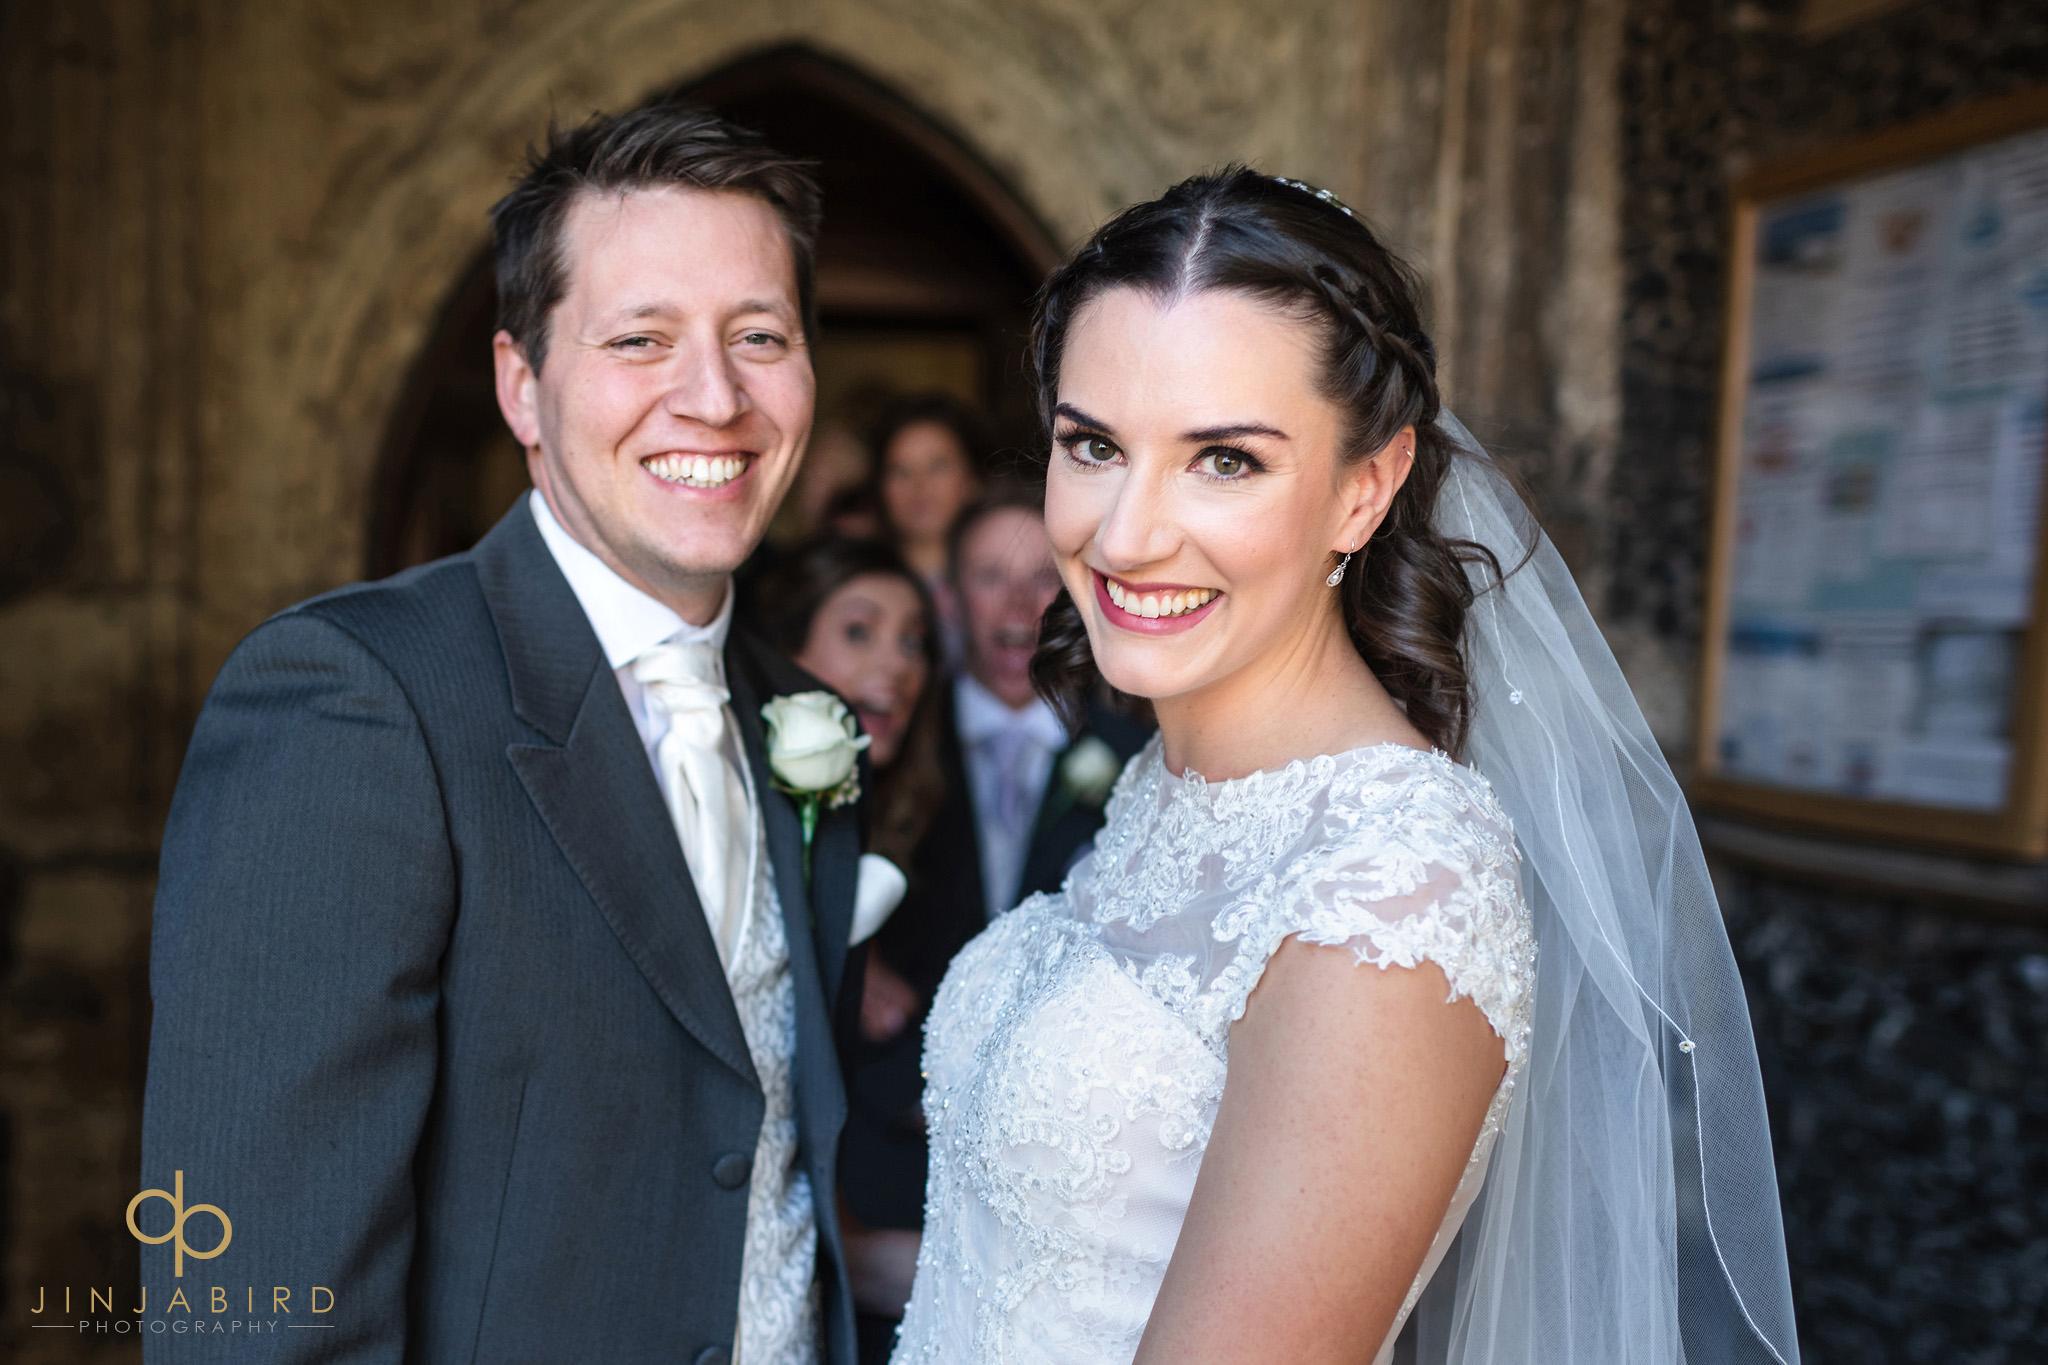 hertford wedding photos